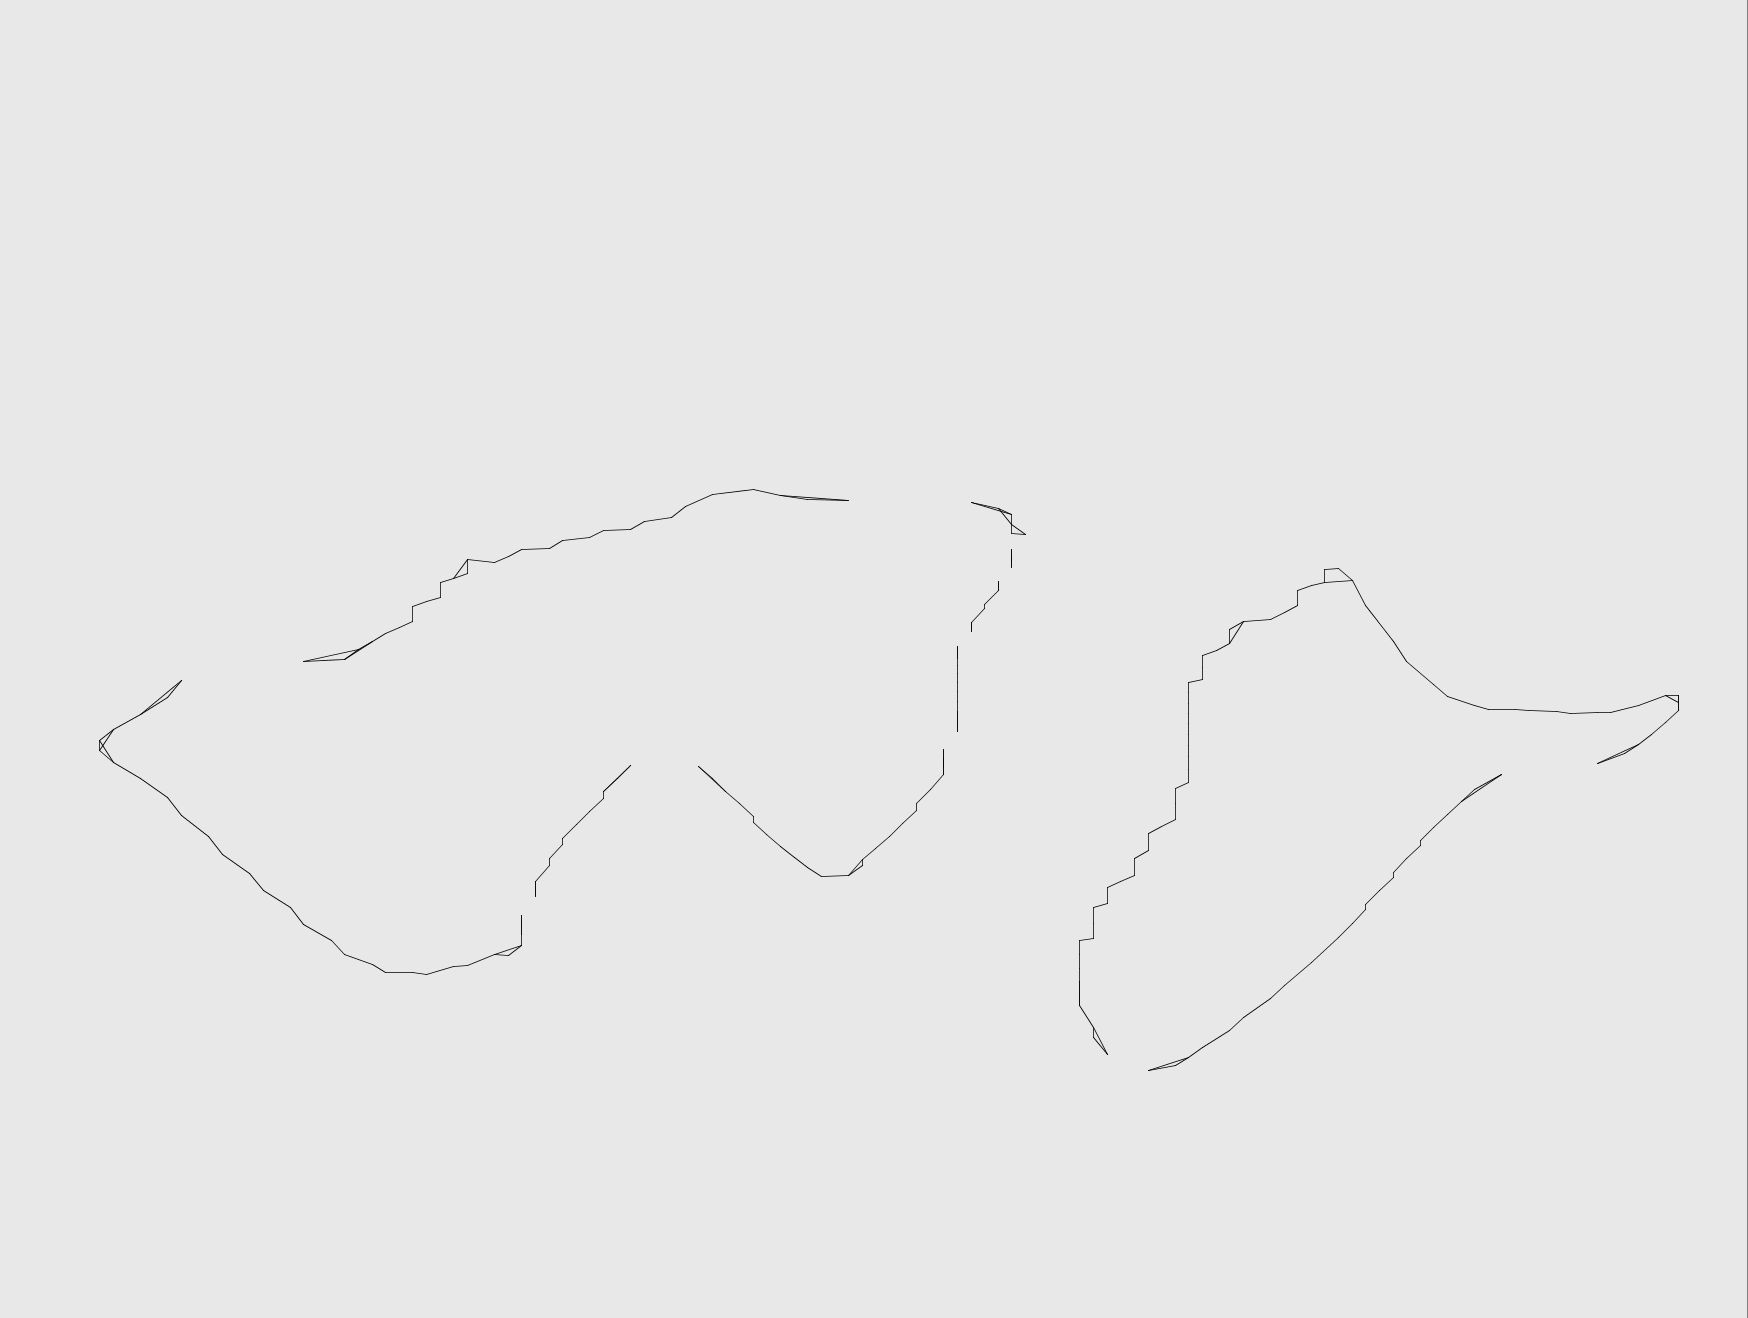 Schermafbeelding_2021-05-14_om_08.48.20